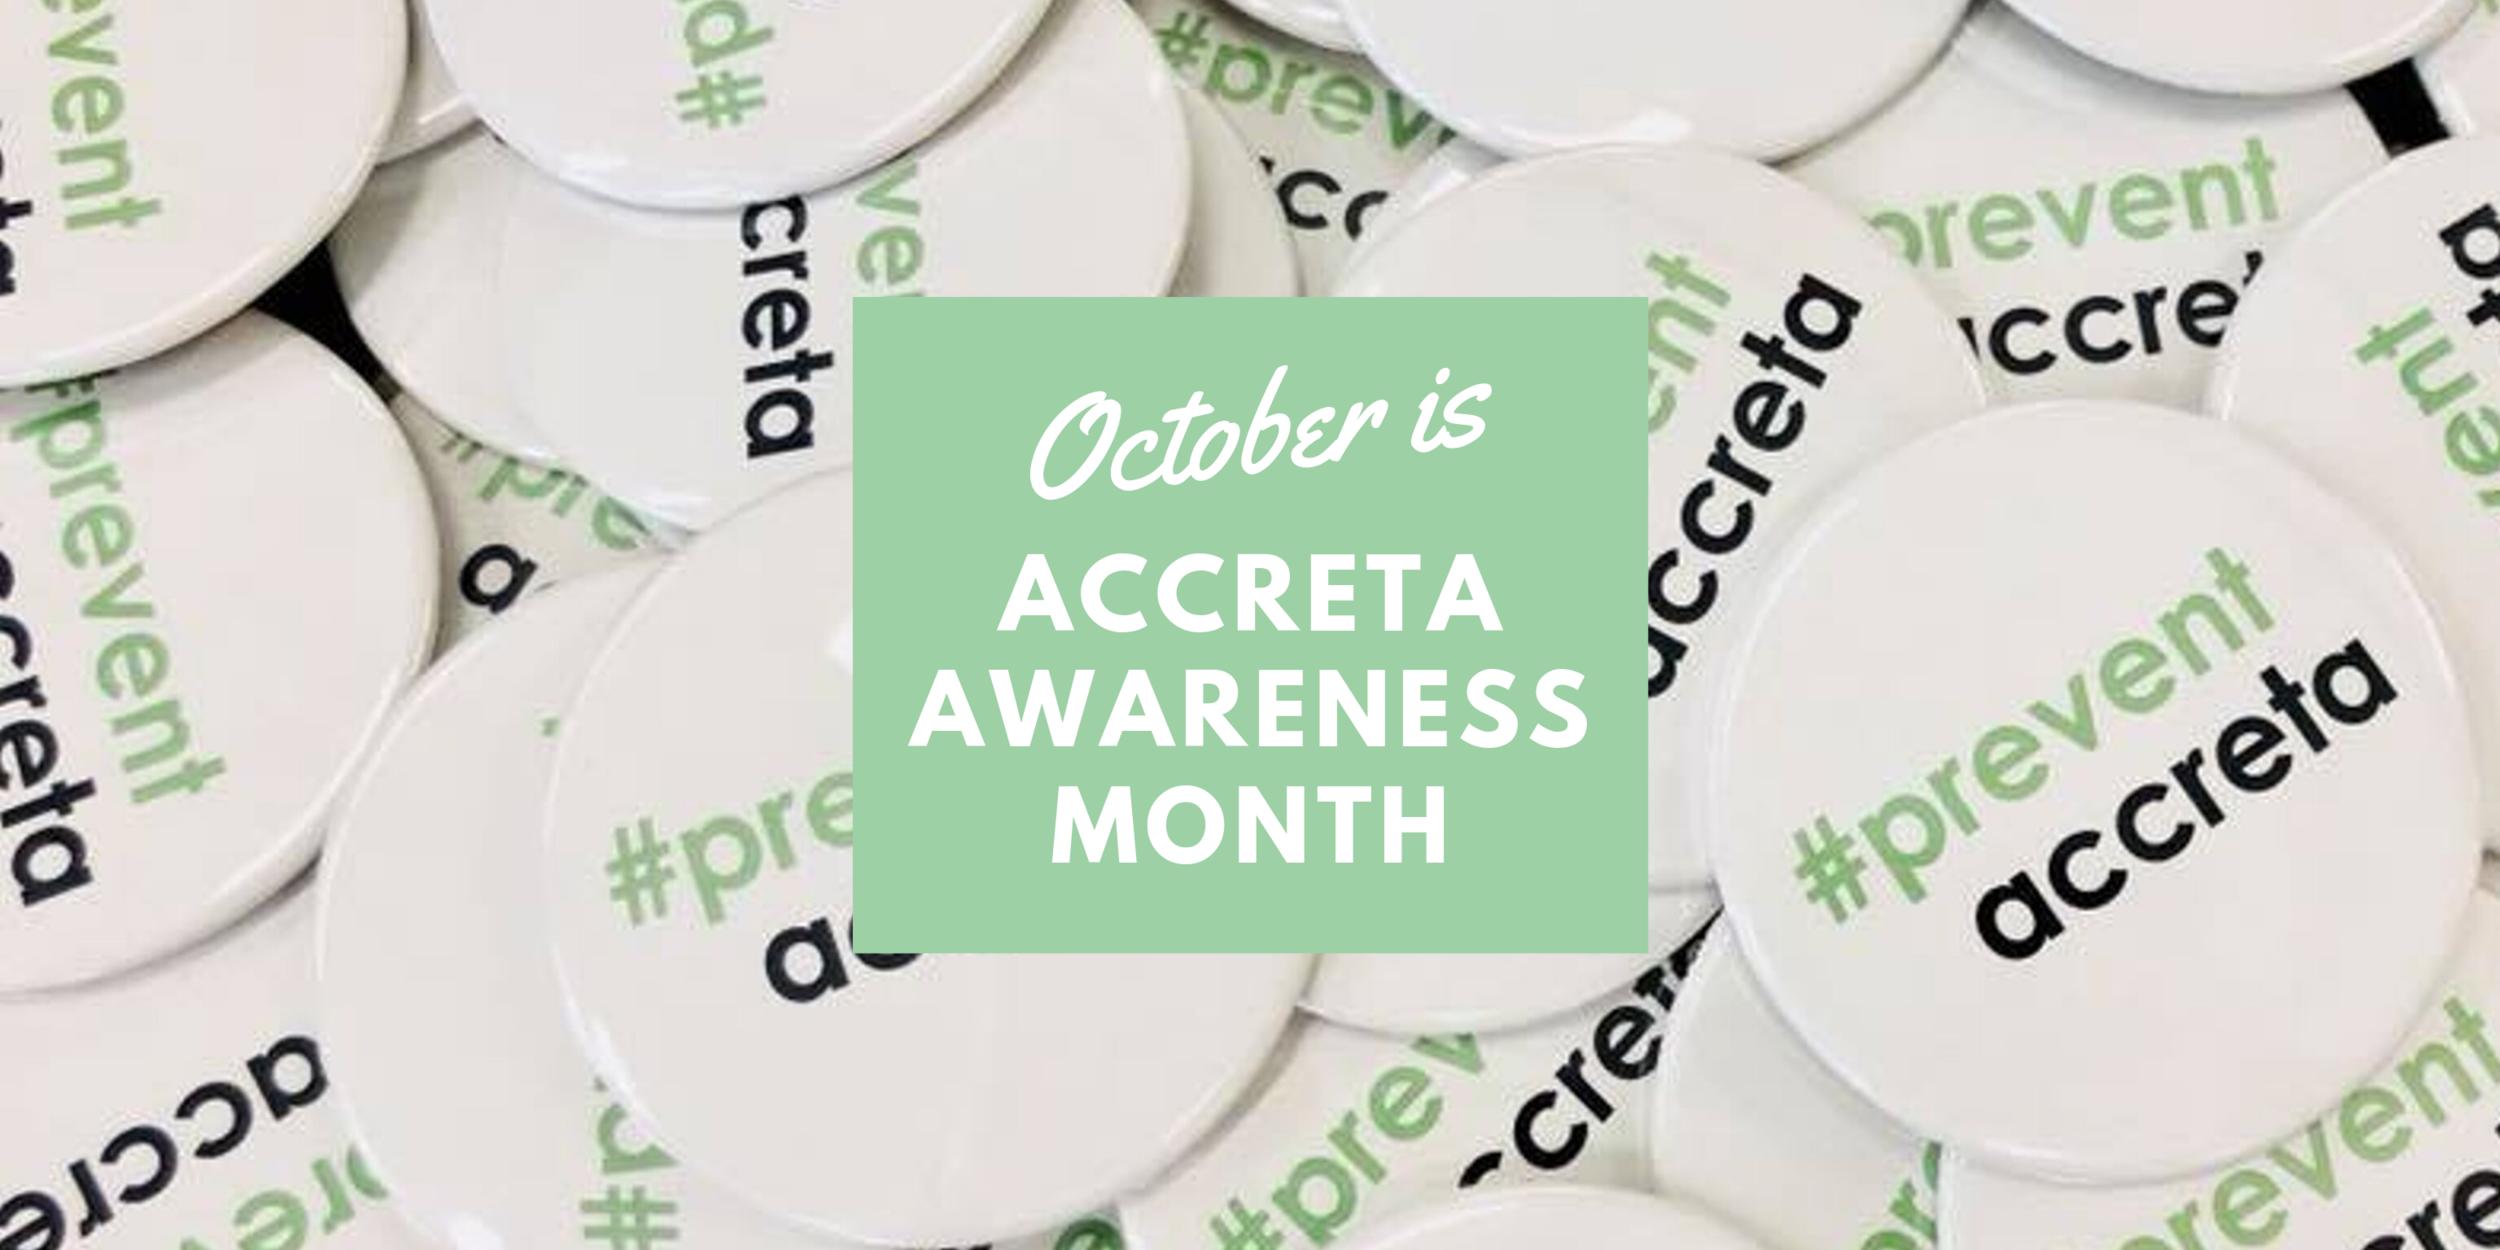 accreta_awareness.png